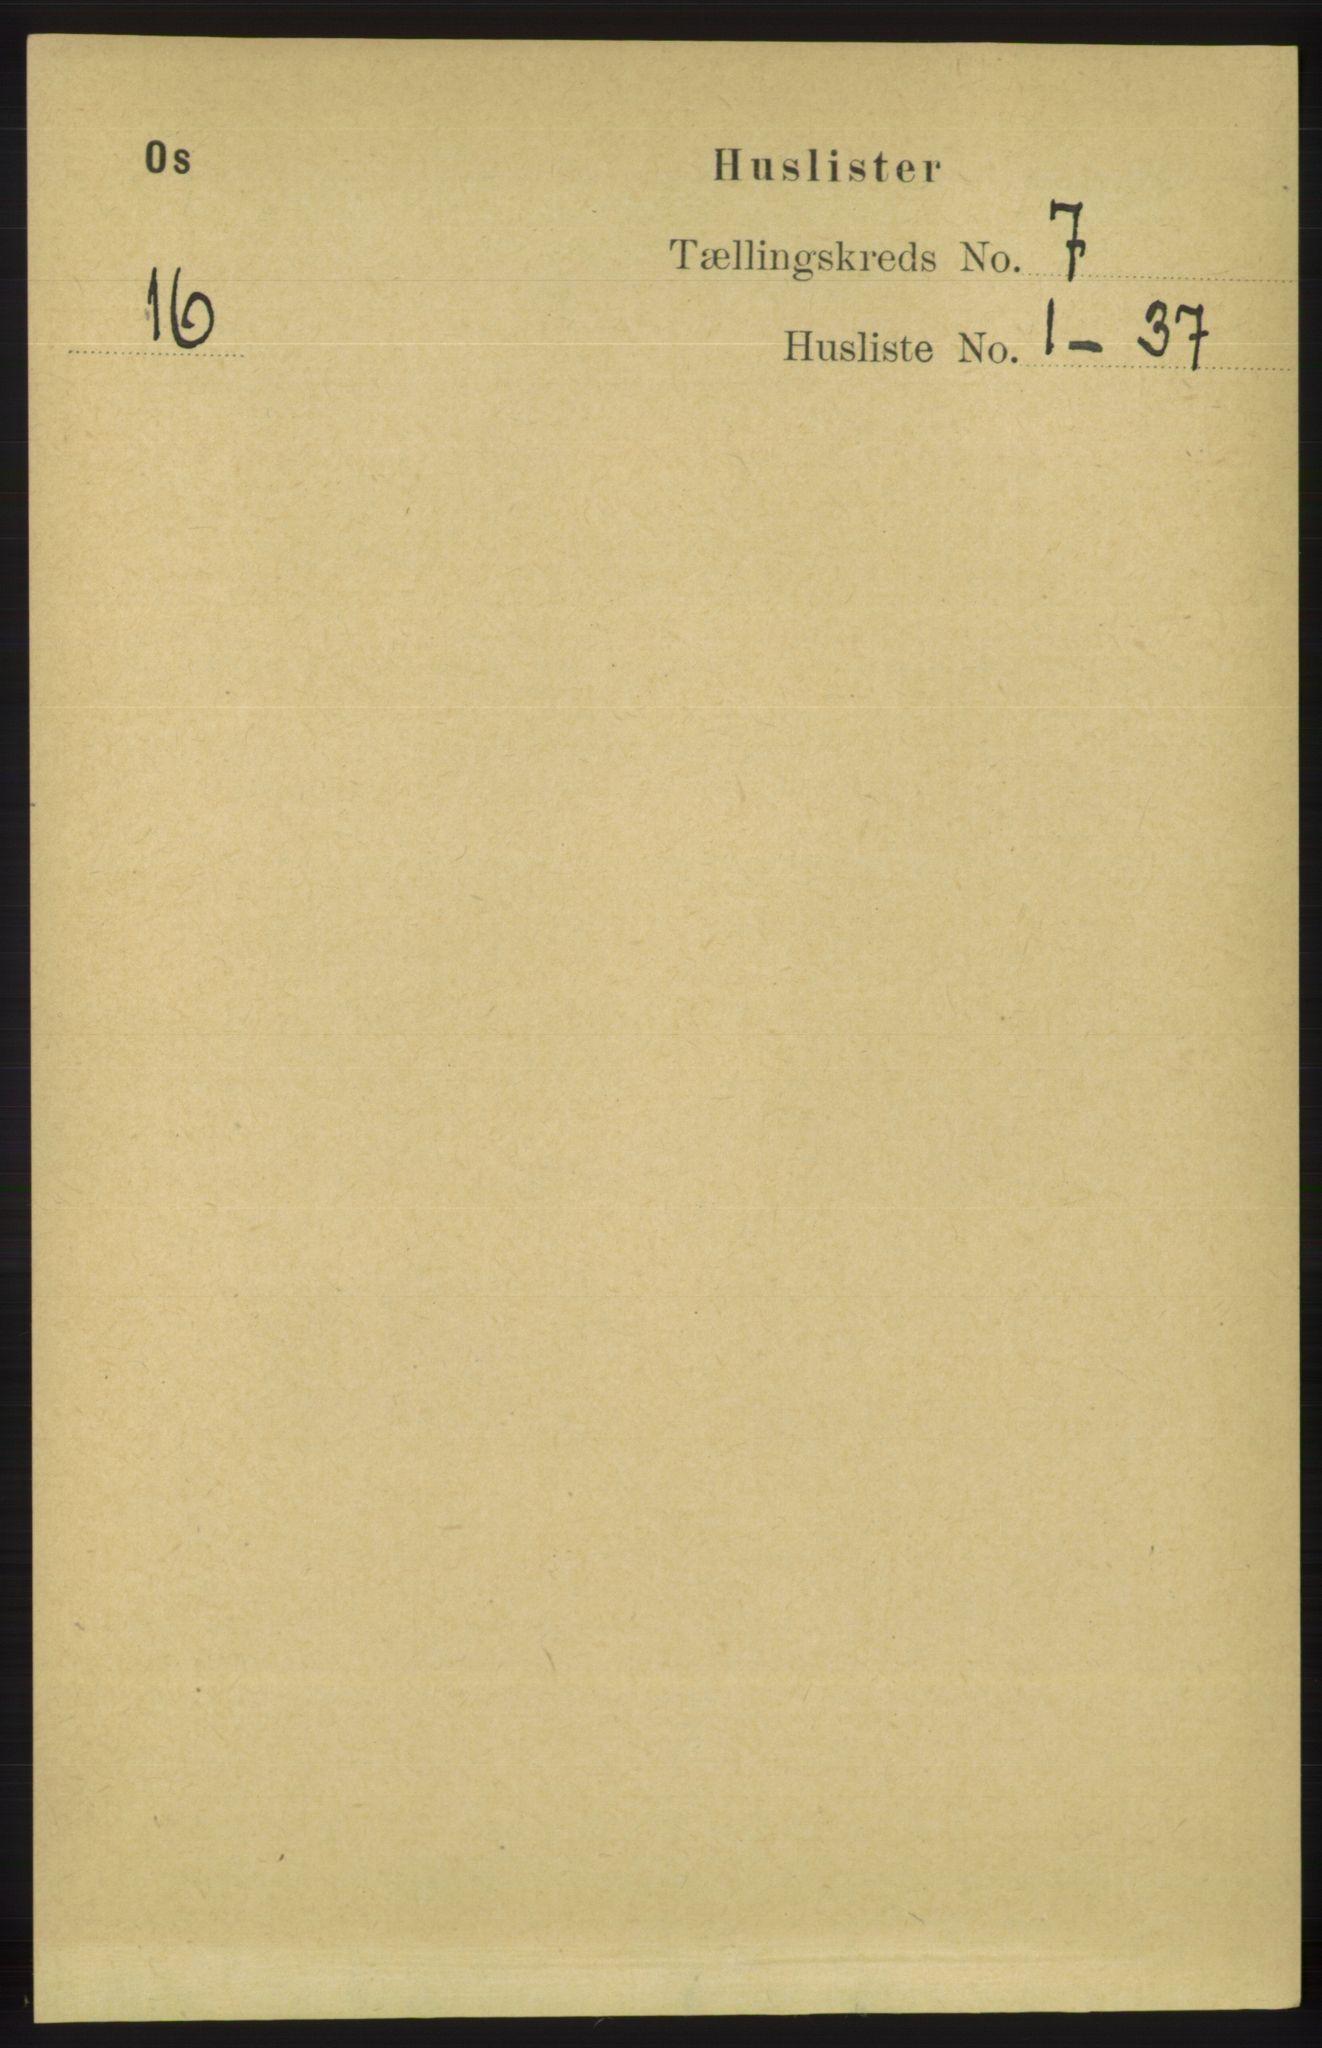 RA, Folketelling 1891 for 1243 Os herred, 1891, s. 1577